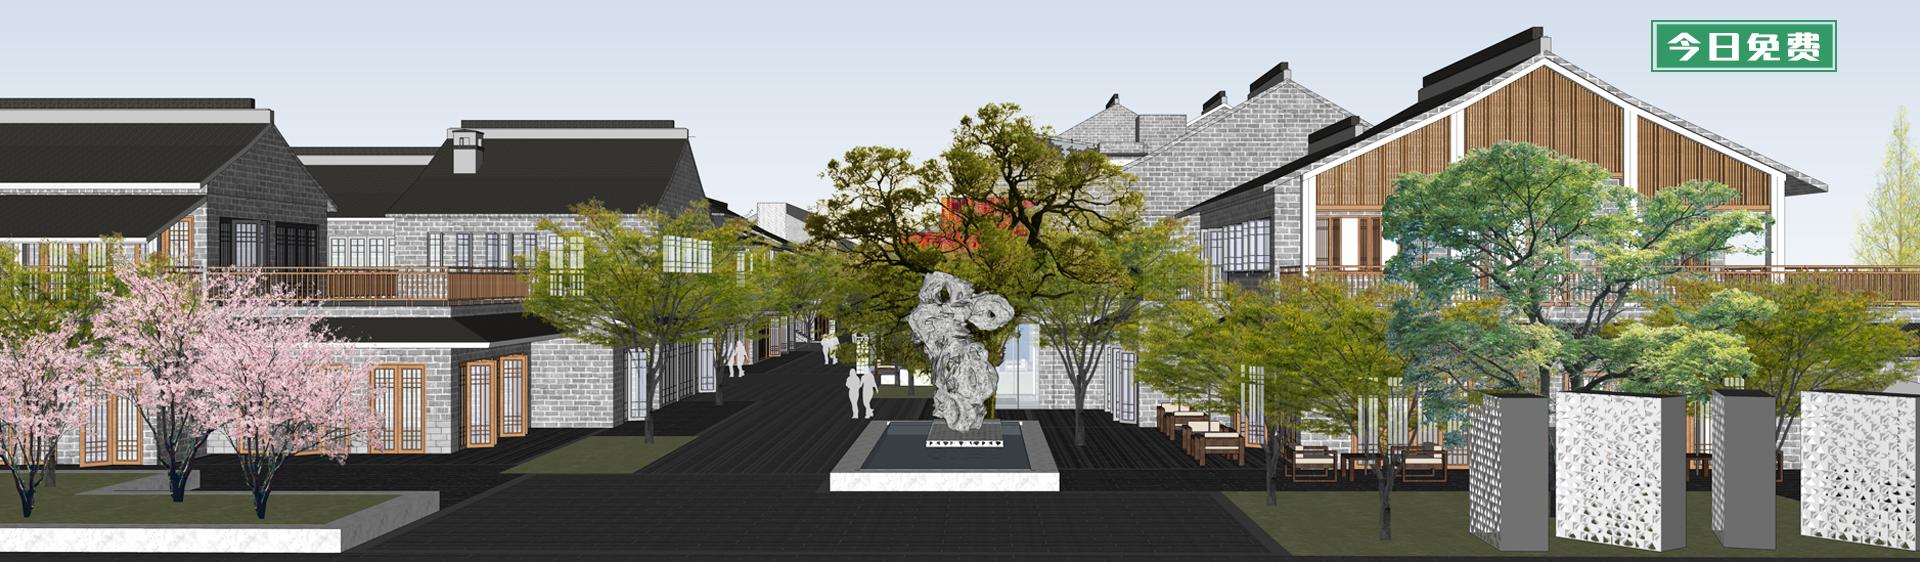 中式古建群落商业街SU模型下载